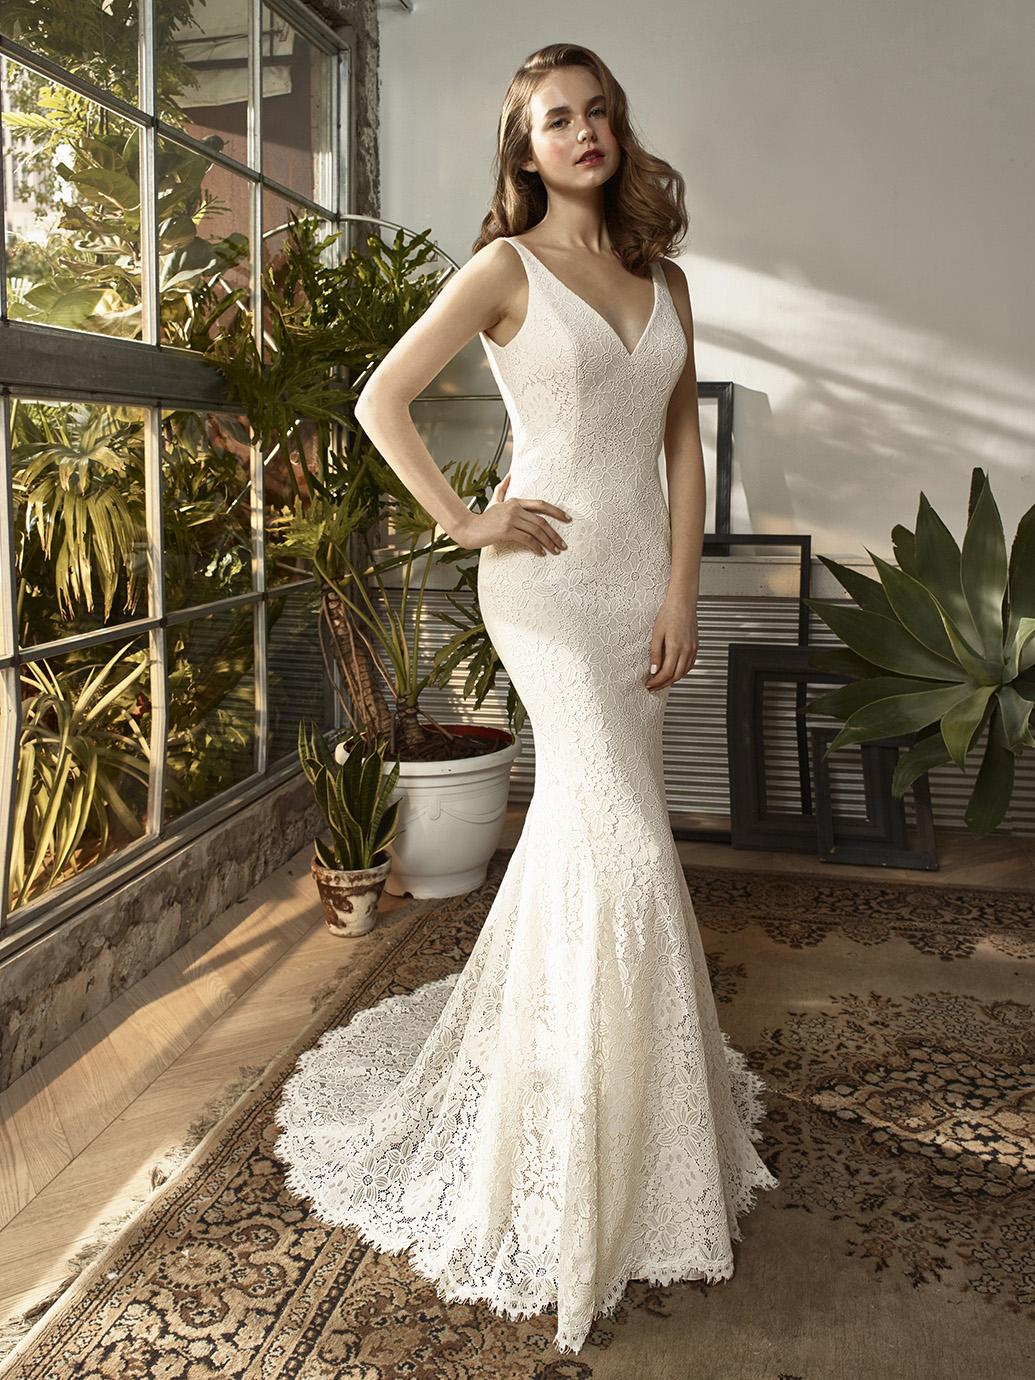 Enzoani Beautiful Wedding Dress